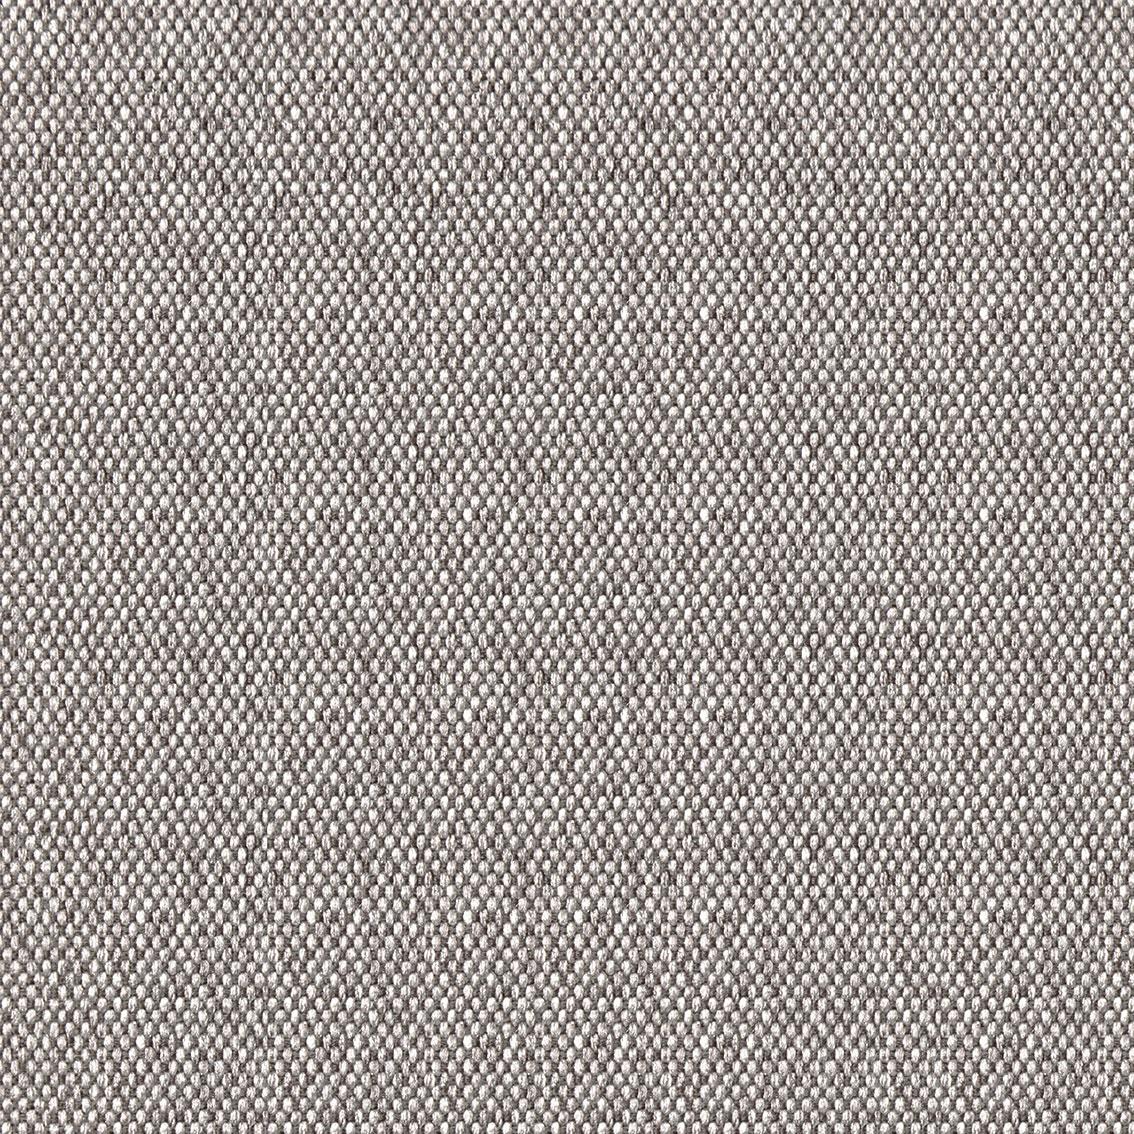 Коллекция ткани Leroy 304,  купить ткань Рогожка для мебели Украина